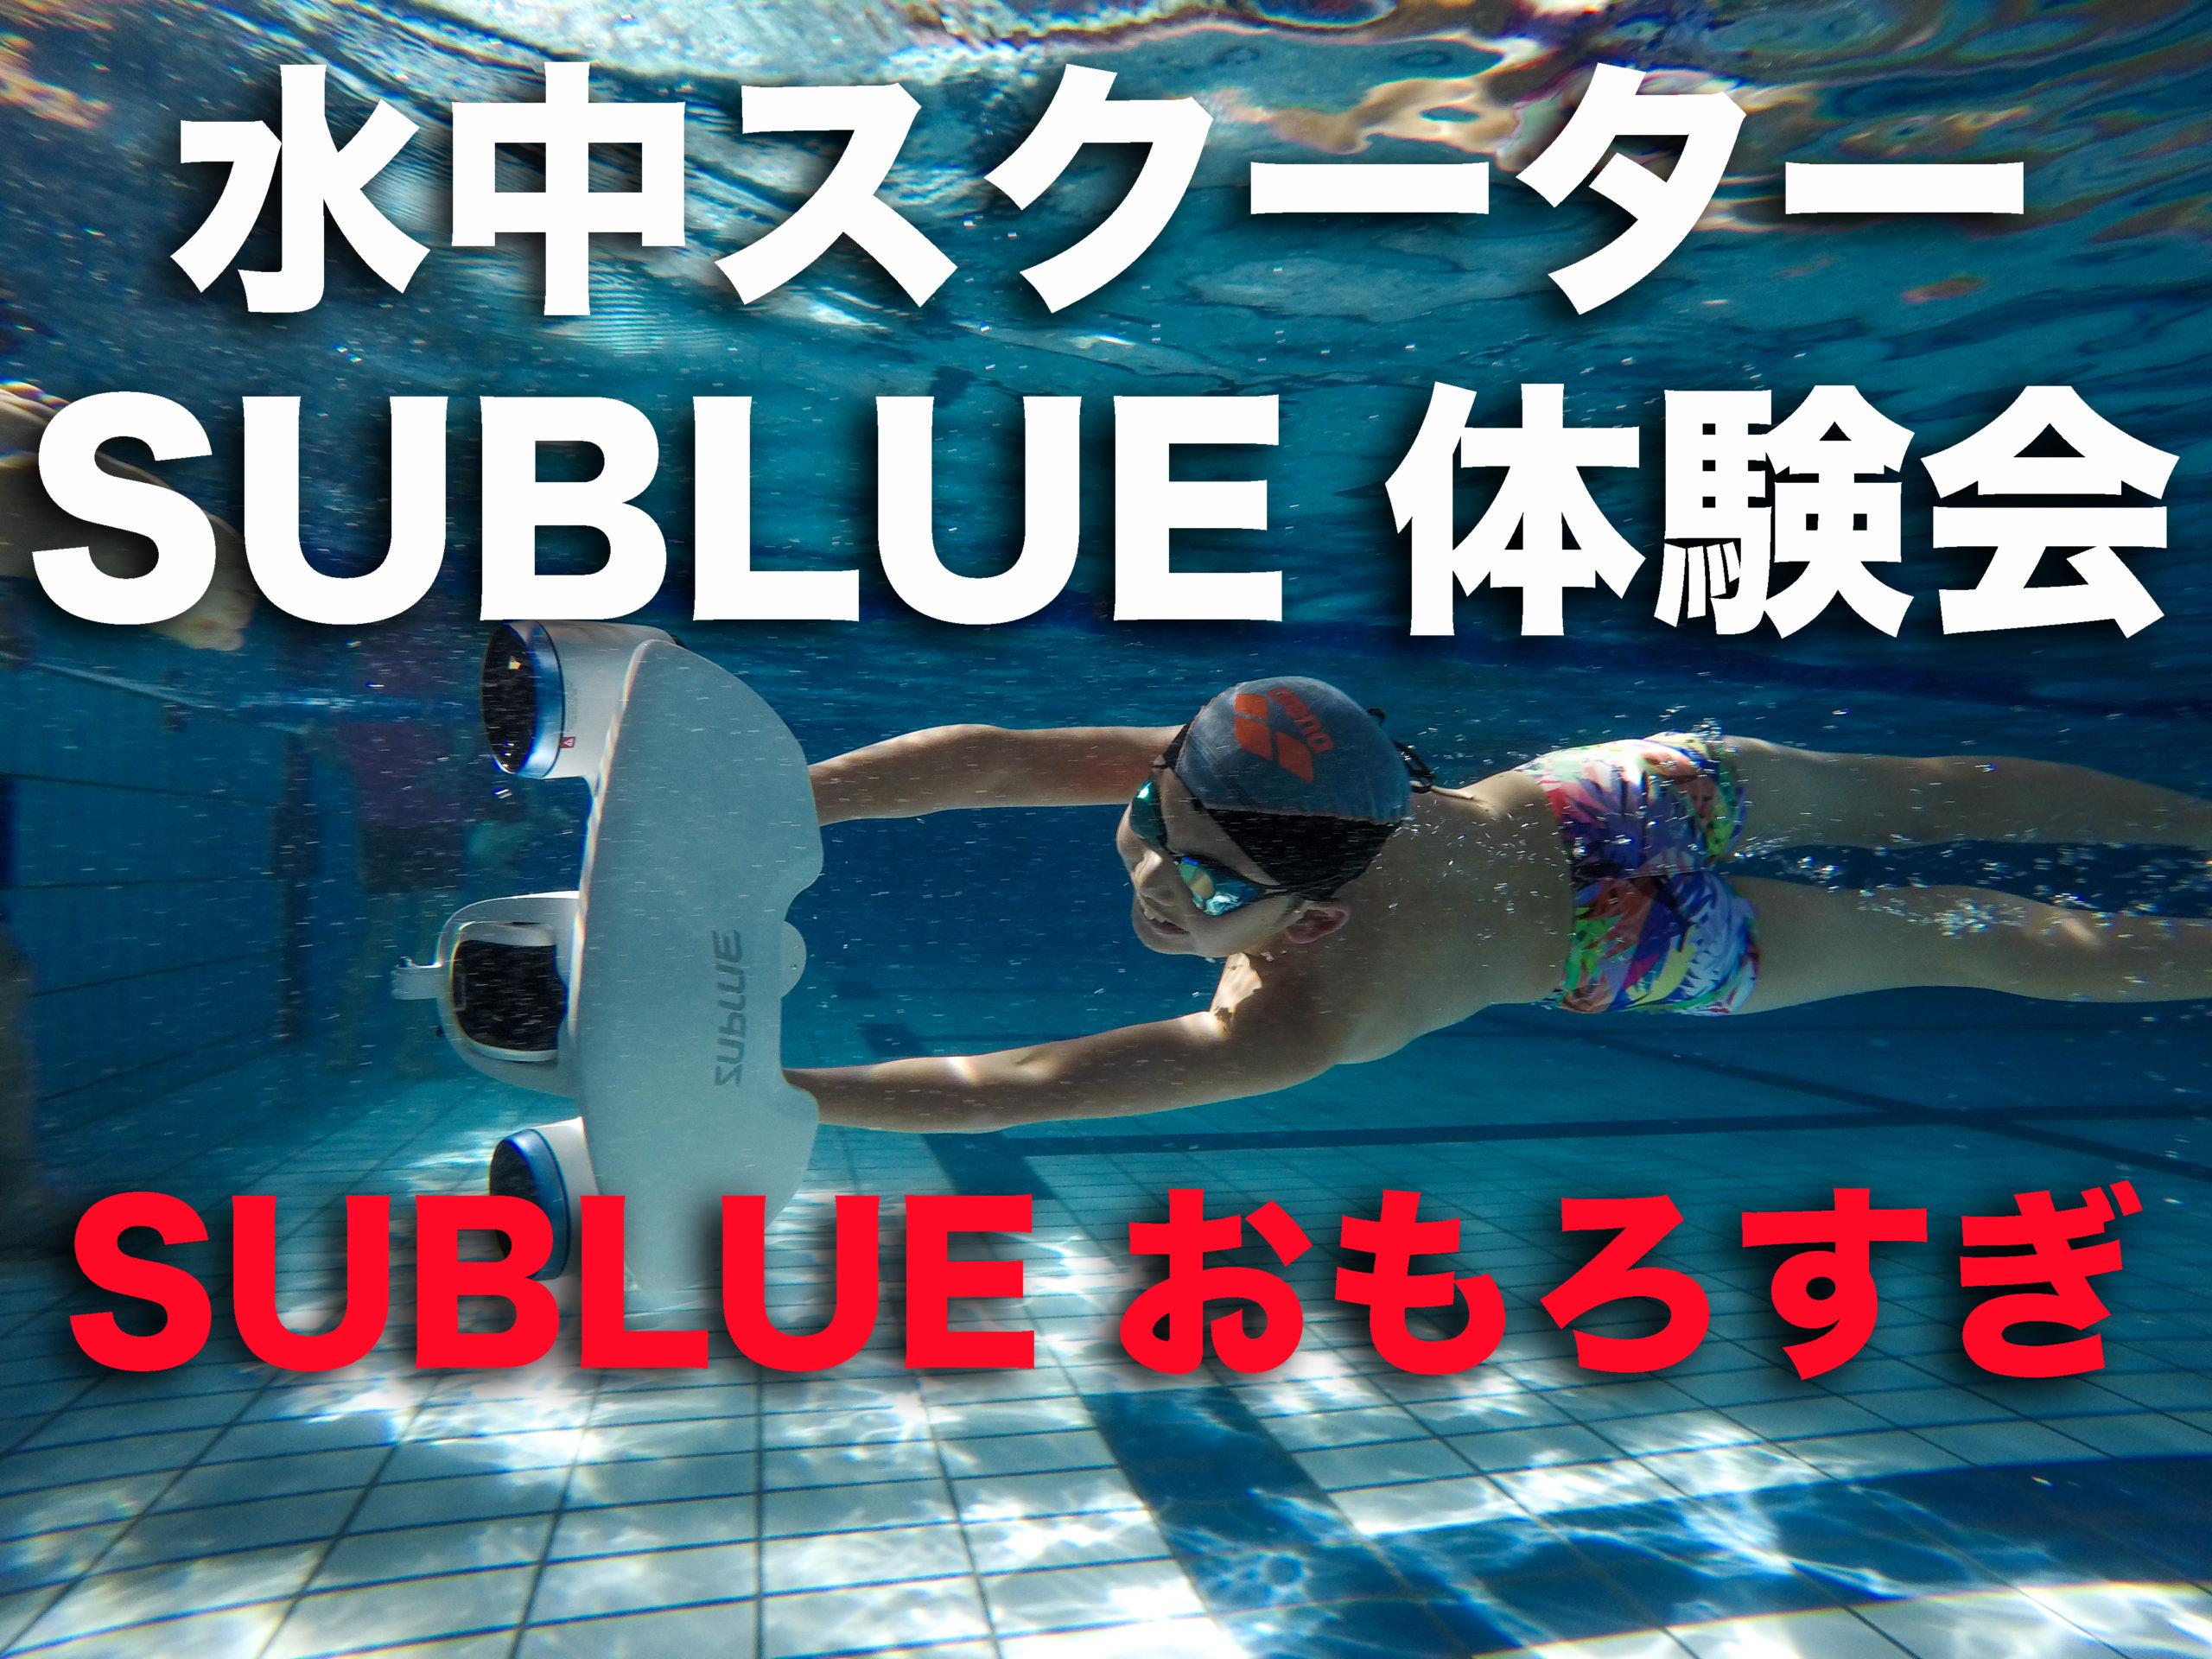 未来の乗り物 水中スクーター SUBLUE体験会に行ってきた